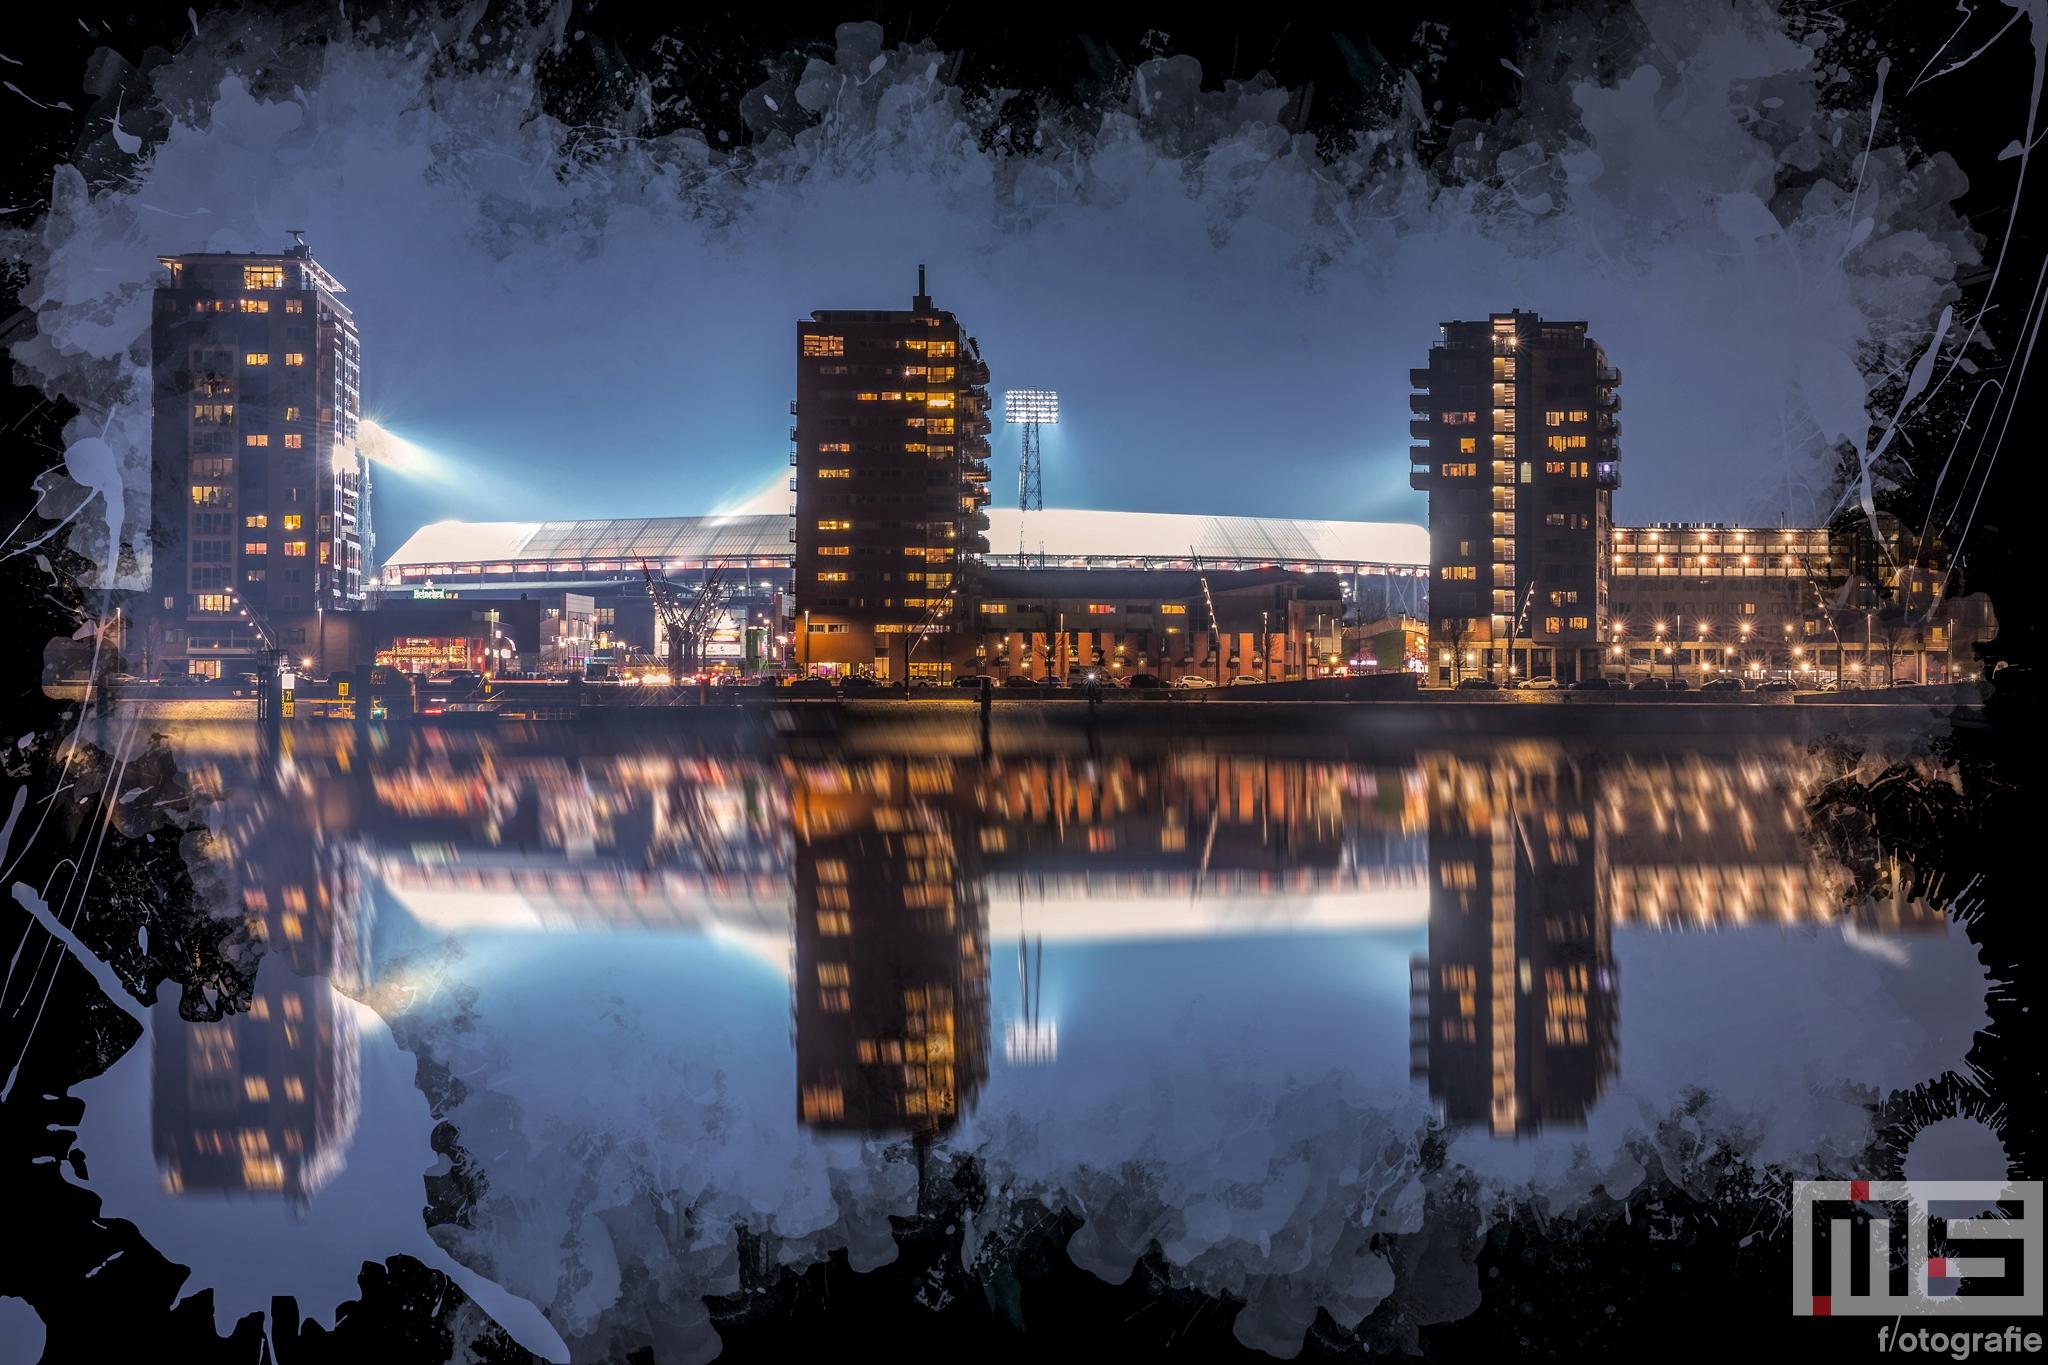 Te Koop   Het Feyenoord Art Stadion De Kuip in Rotterdam in reflectie